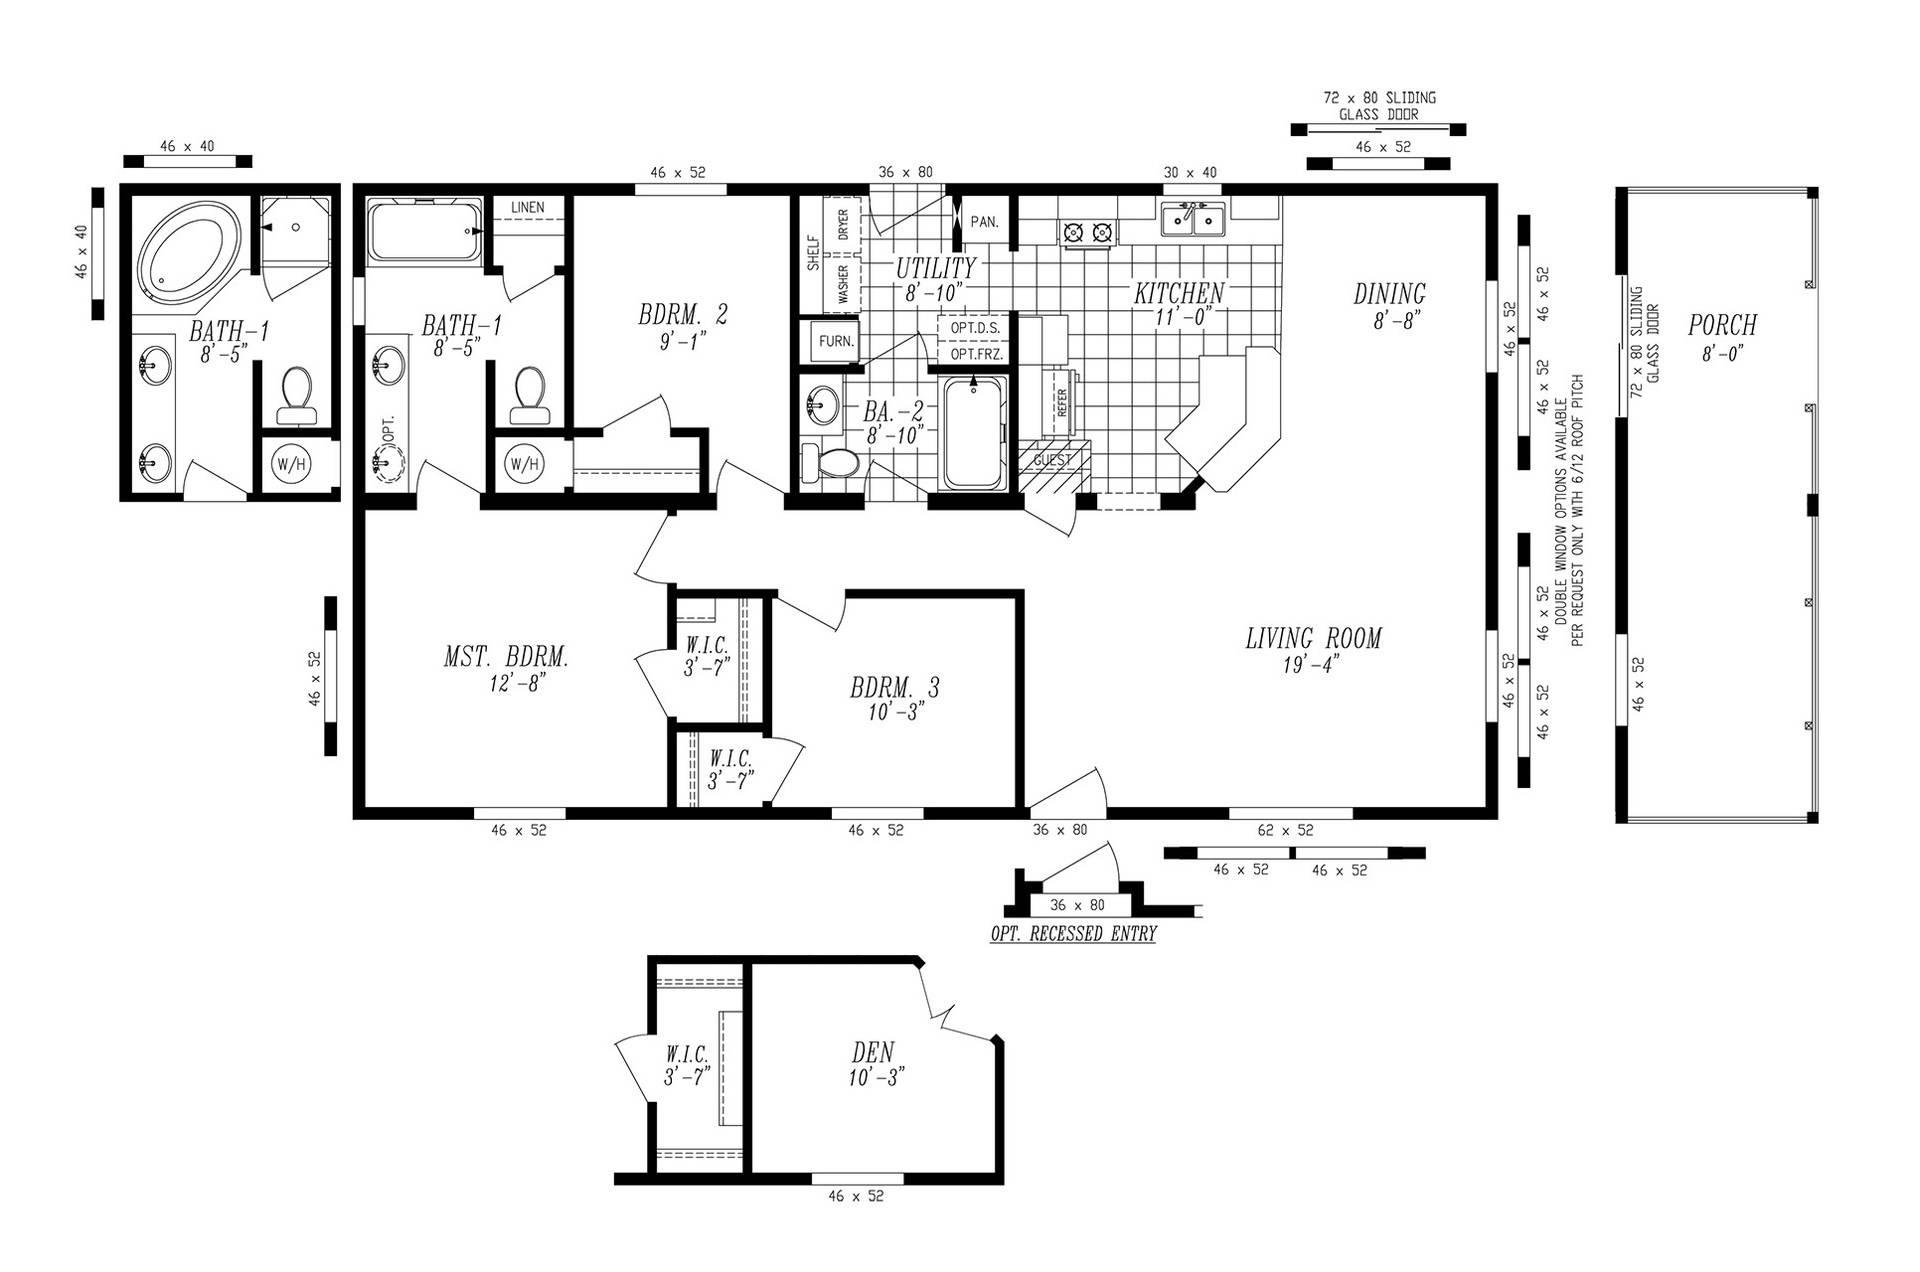 manufactured home floor plan marlette simplicity sim - kaf mobile